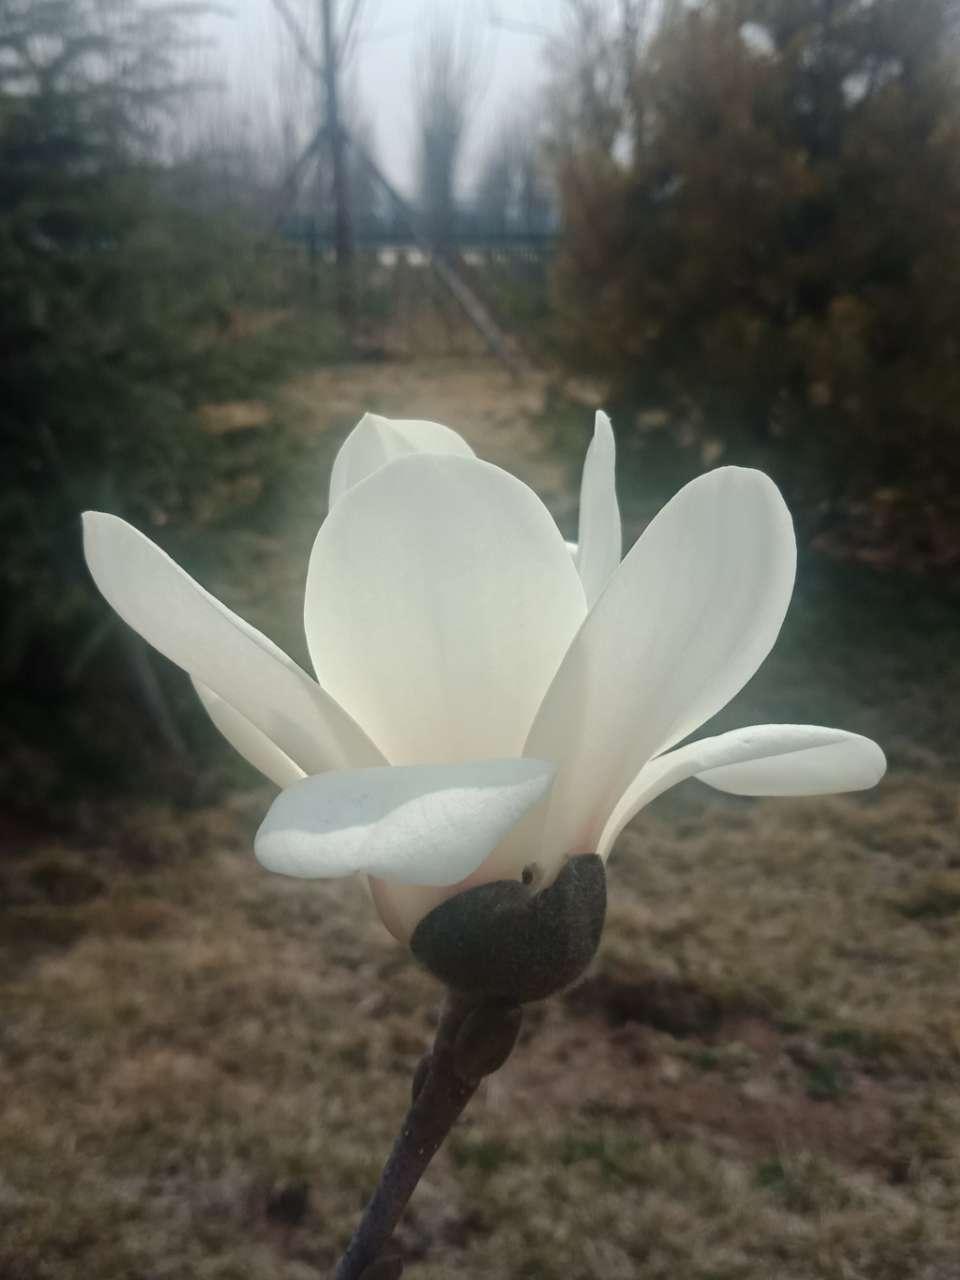 白玉兰花,紫玉兰花,好像会动-5.jpg